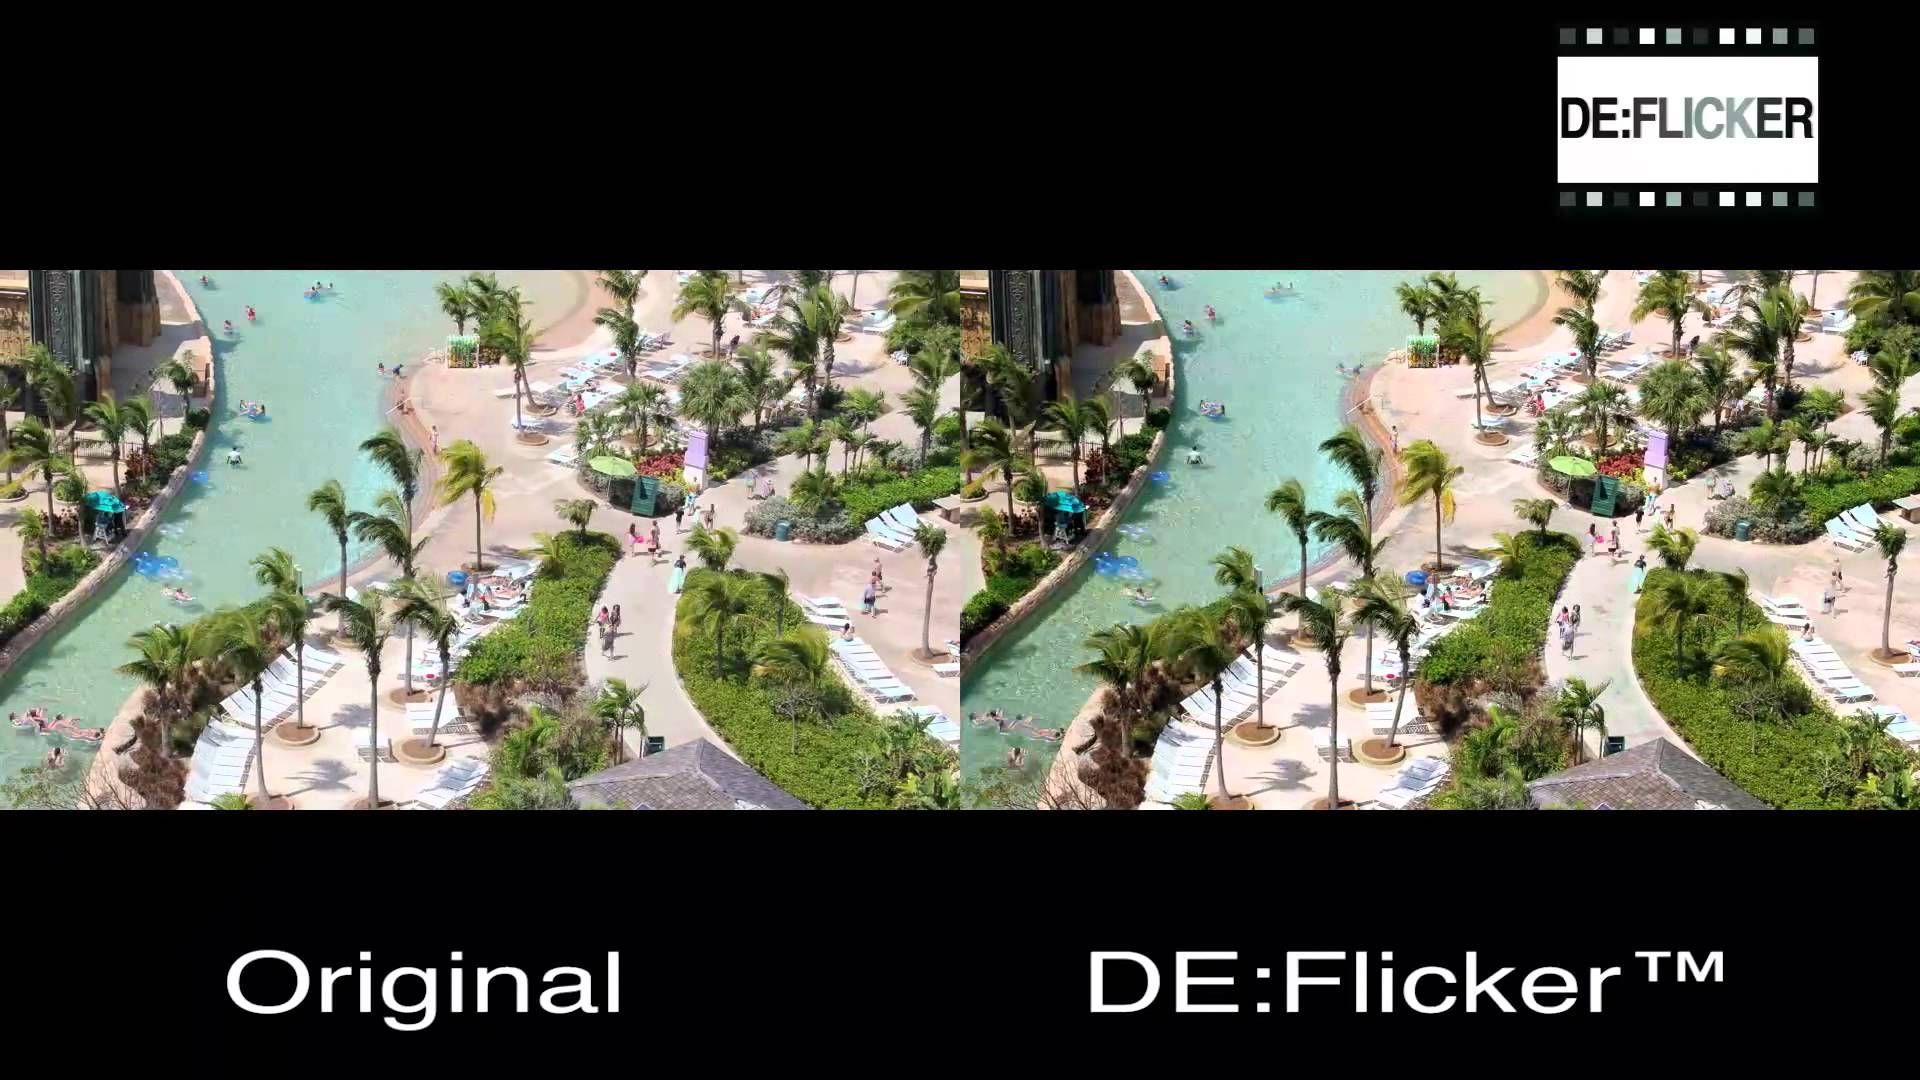 DE:Flicker Overview Reel